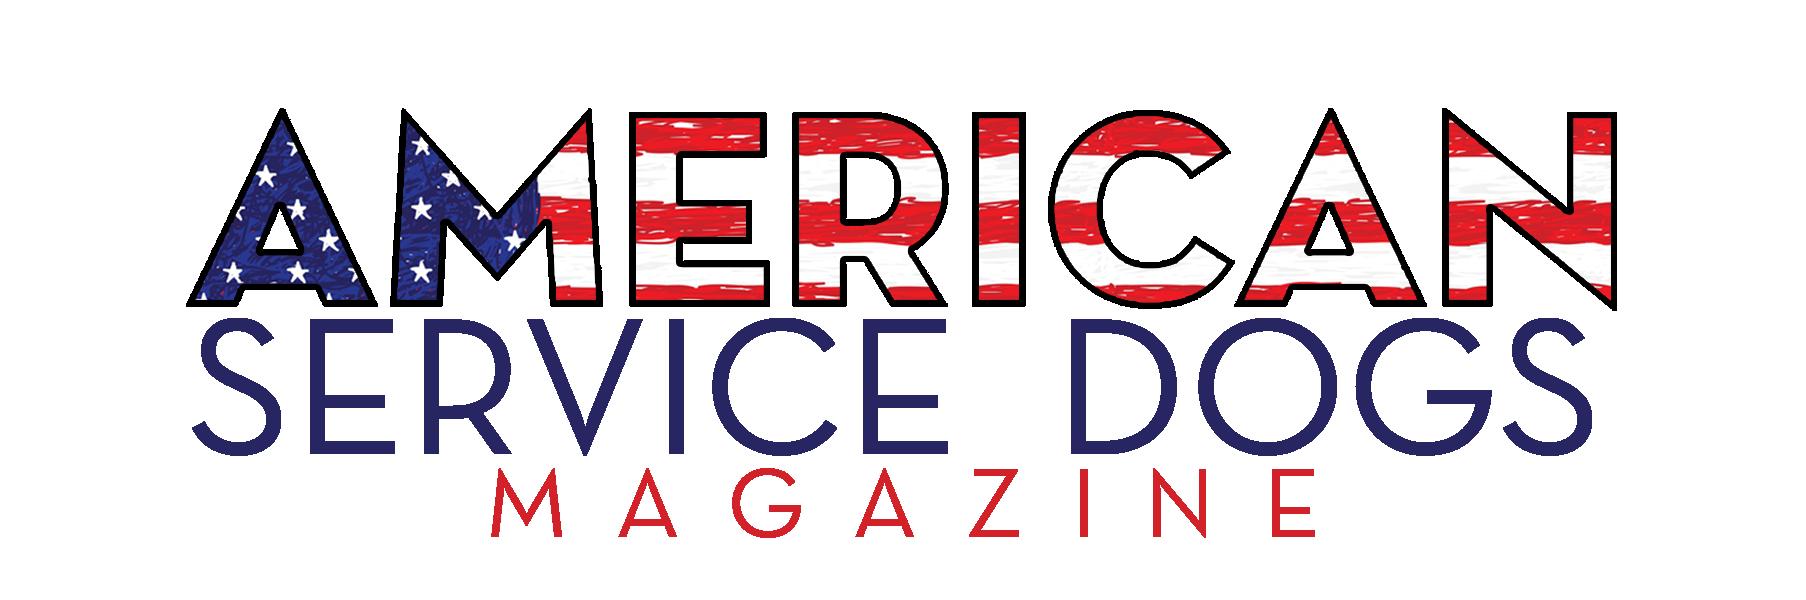 ASD-Magazine-Logo-for-Website-1.png